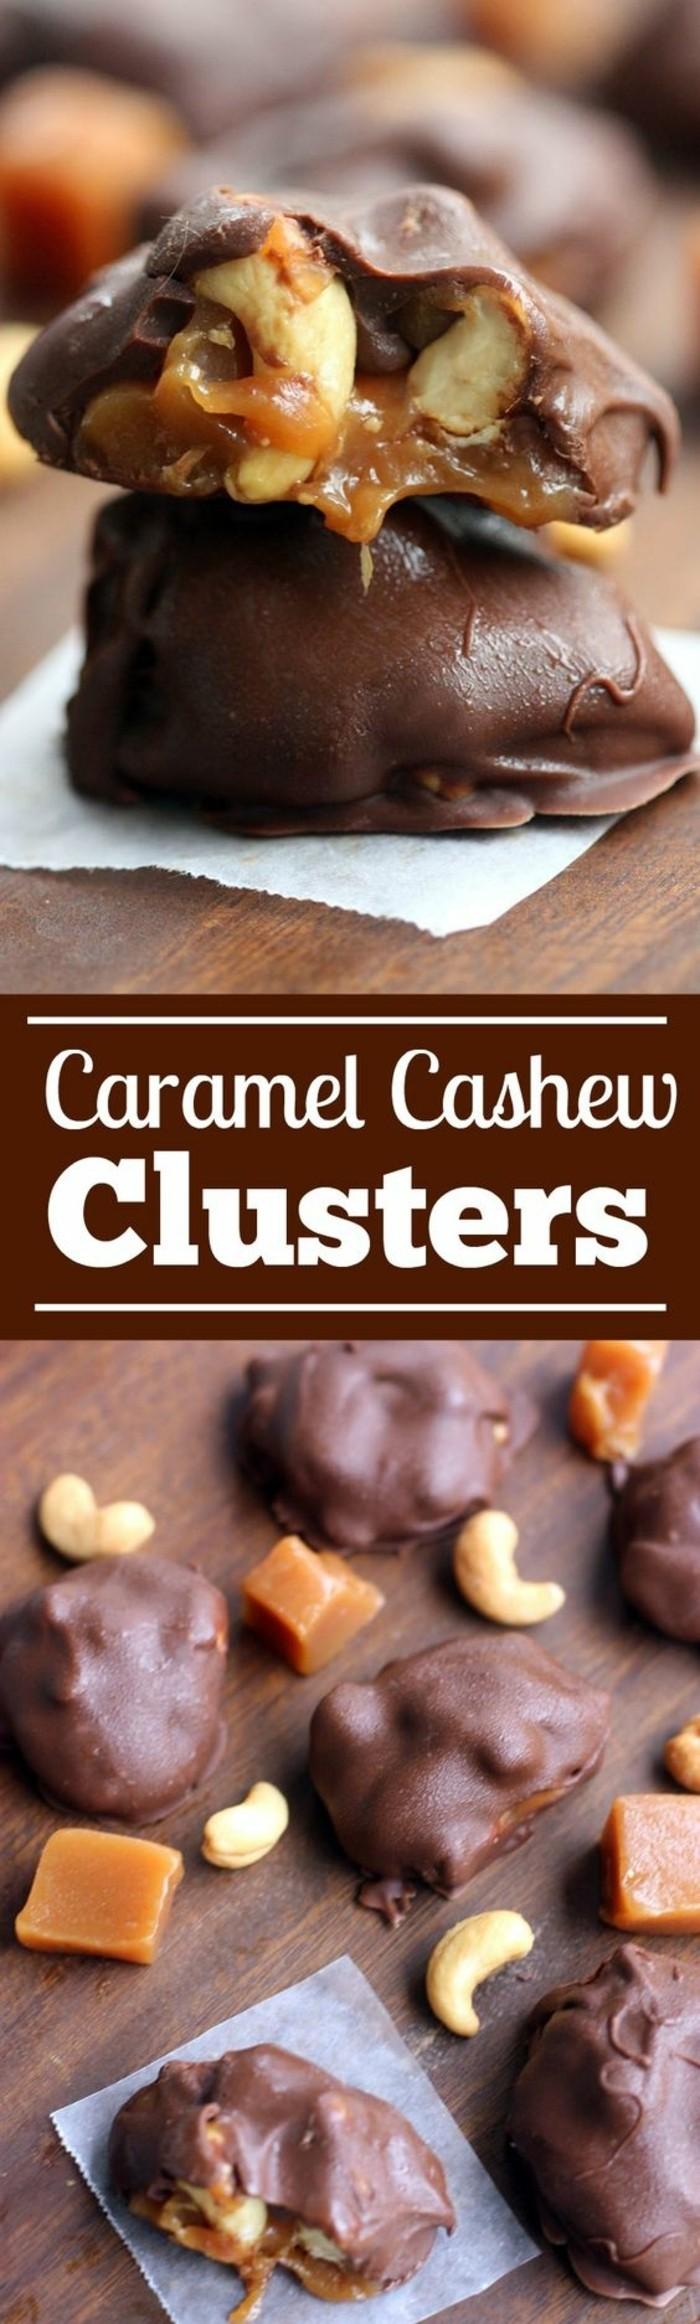 faire-du-caramel-dessert-facile-avec-cajoux-et-chocolat